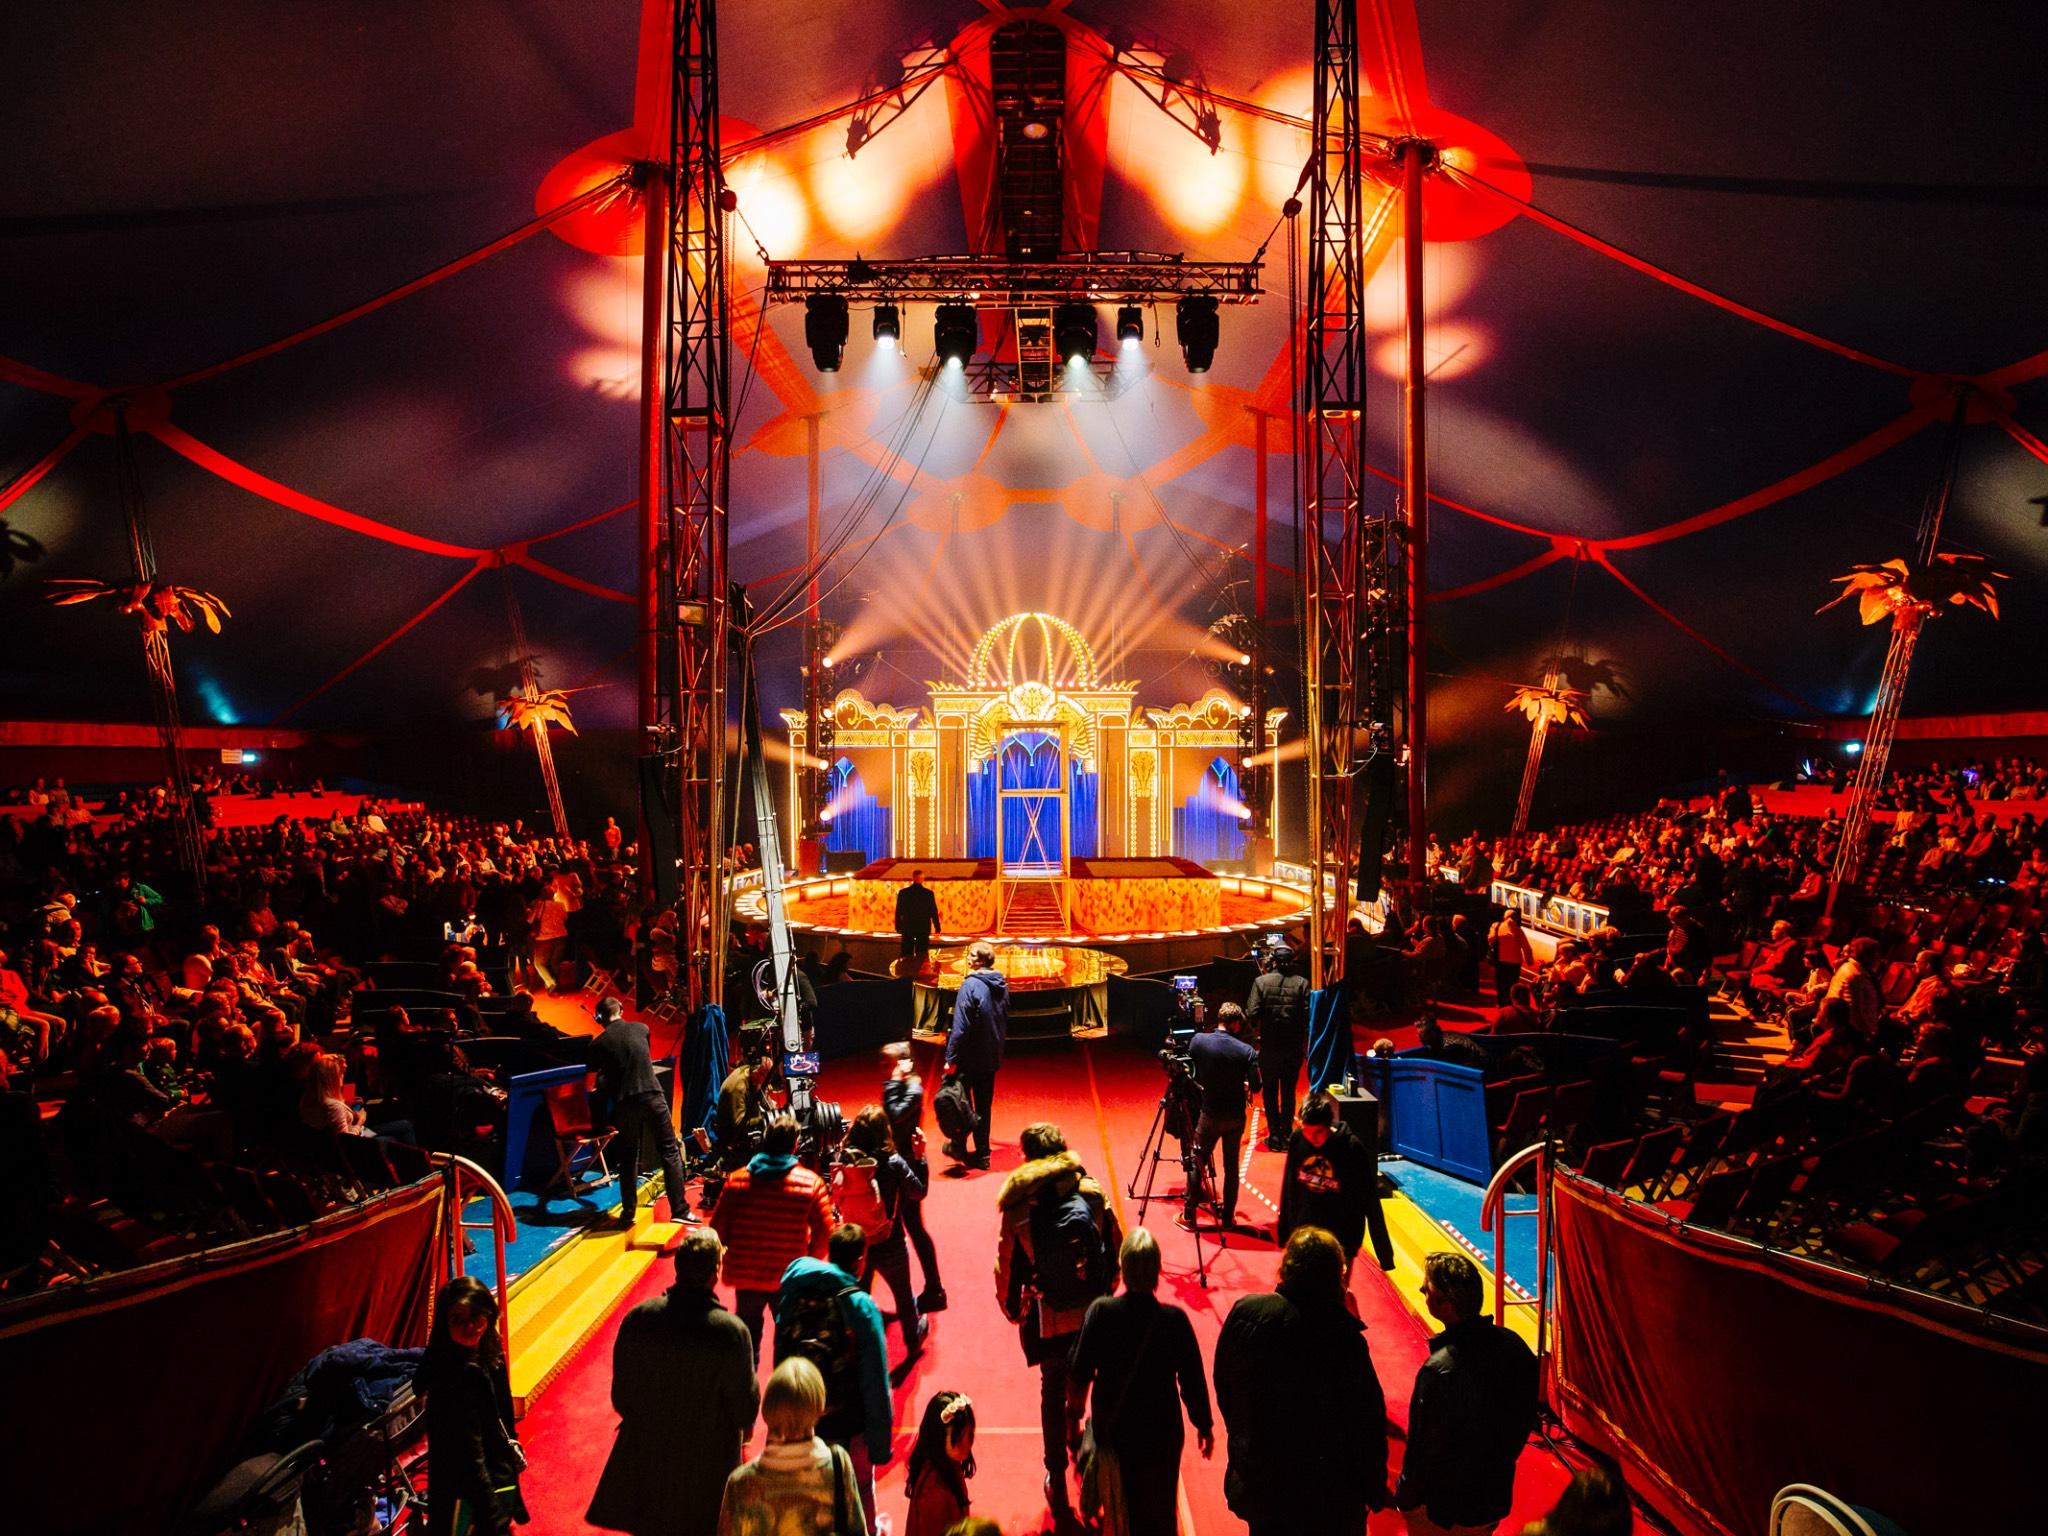 """""""Manege frei!"""": Bis zum 11. November öffnet der Circus Krone in Würzburg seine Türen. Foto: Circus Krone"""